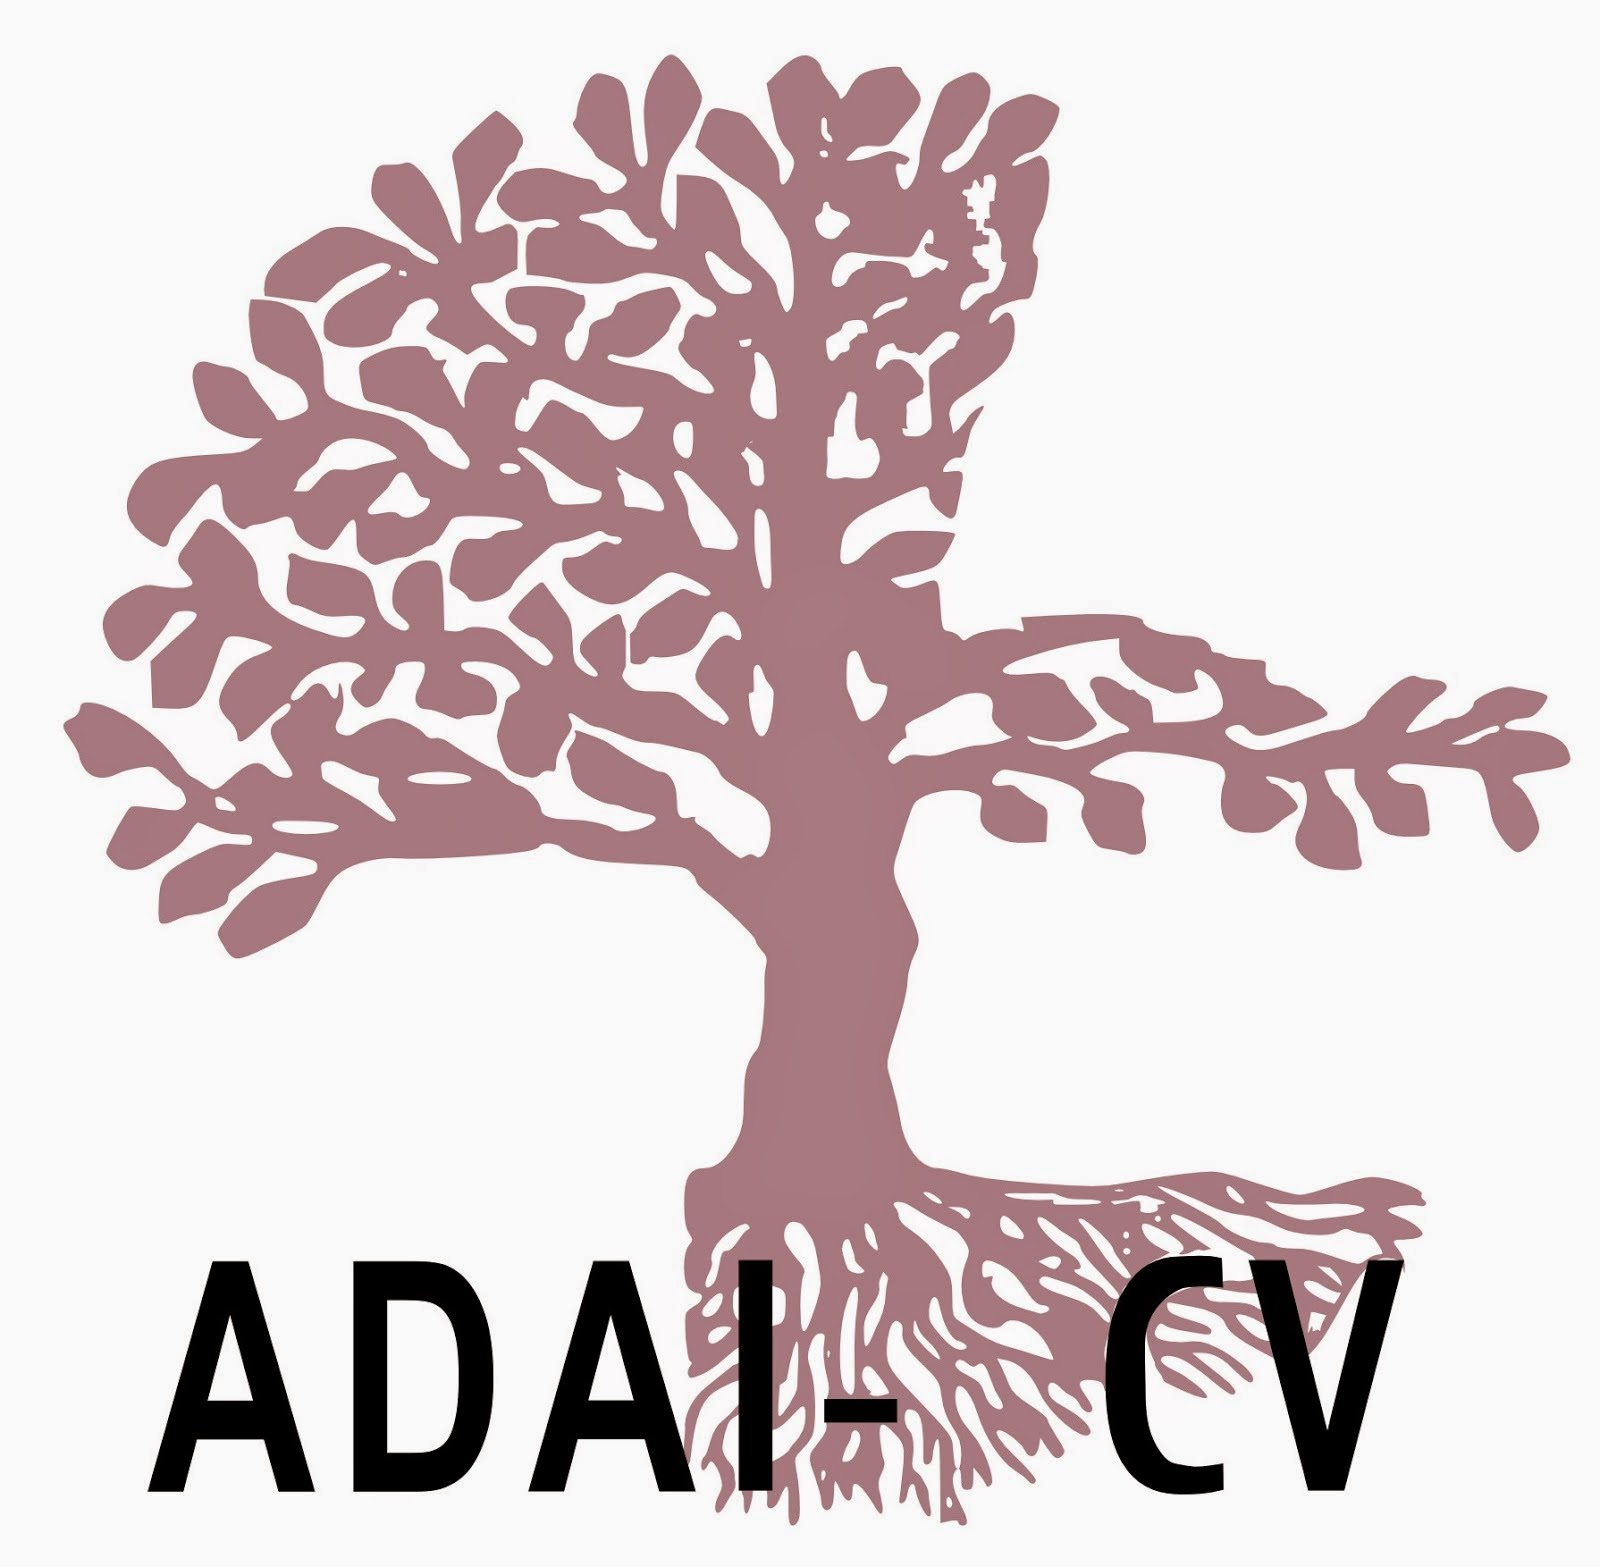 ADAI-CV